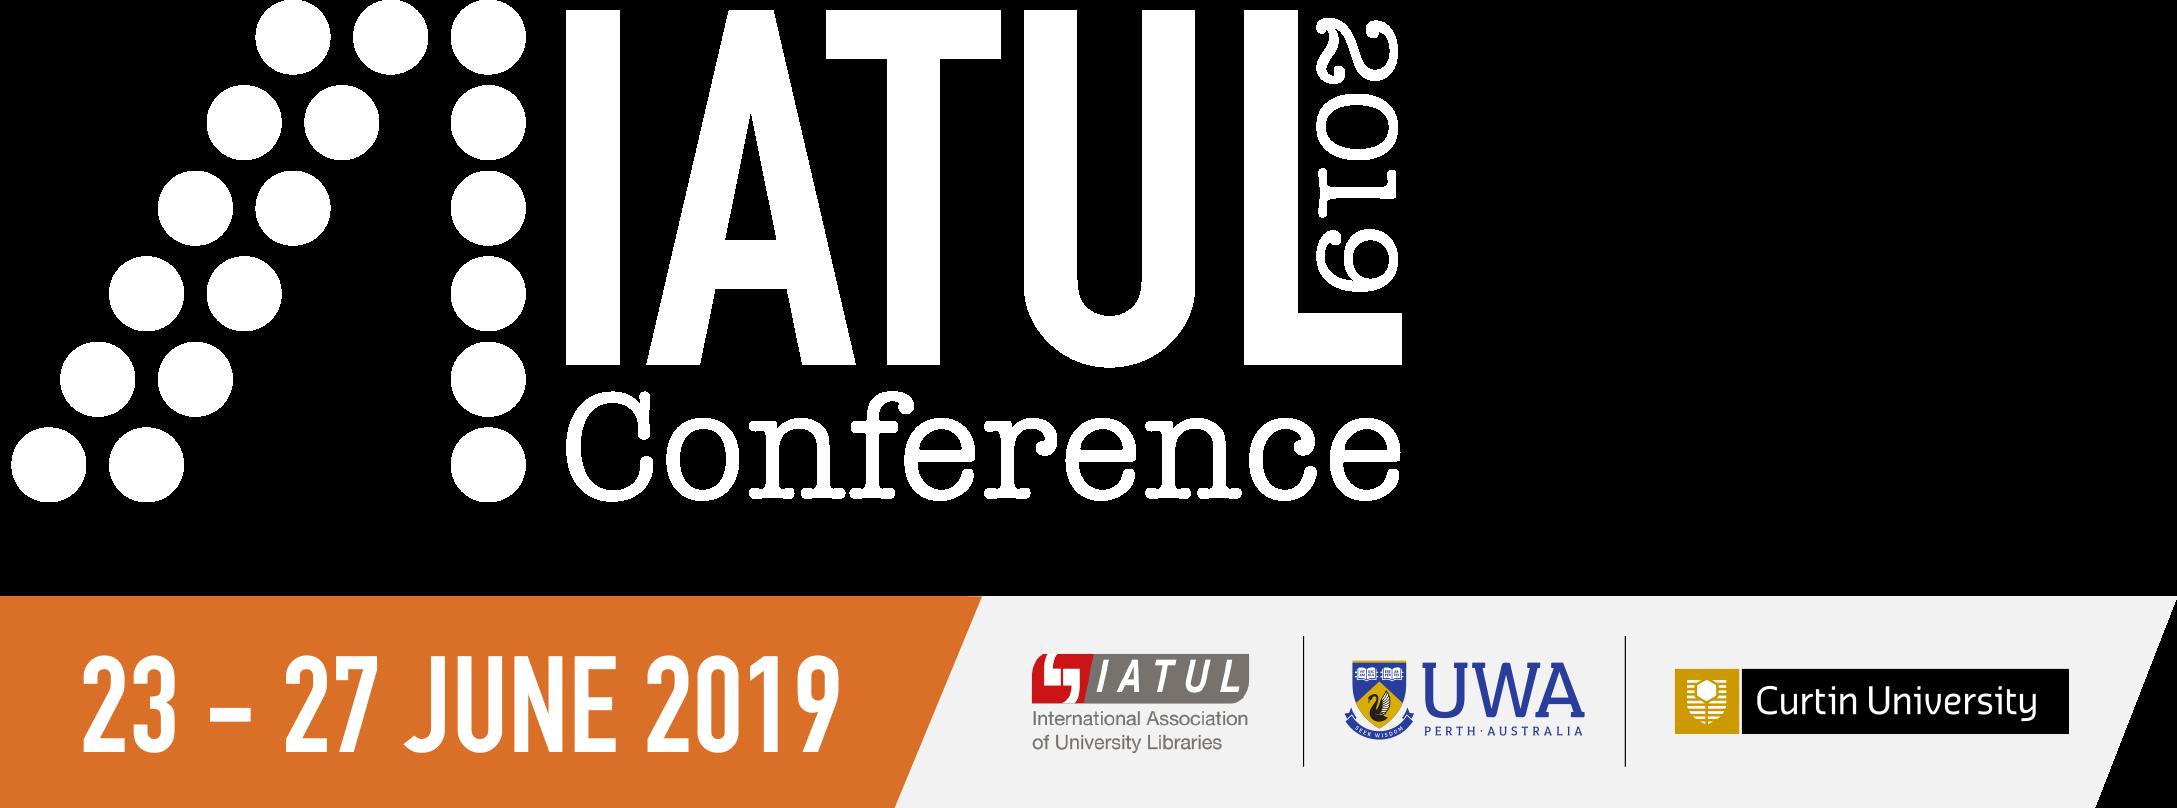 IATUL 2019 Conference